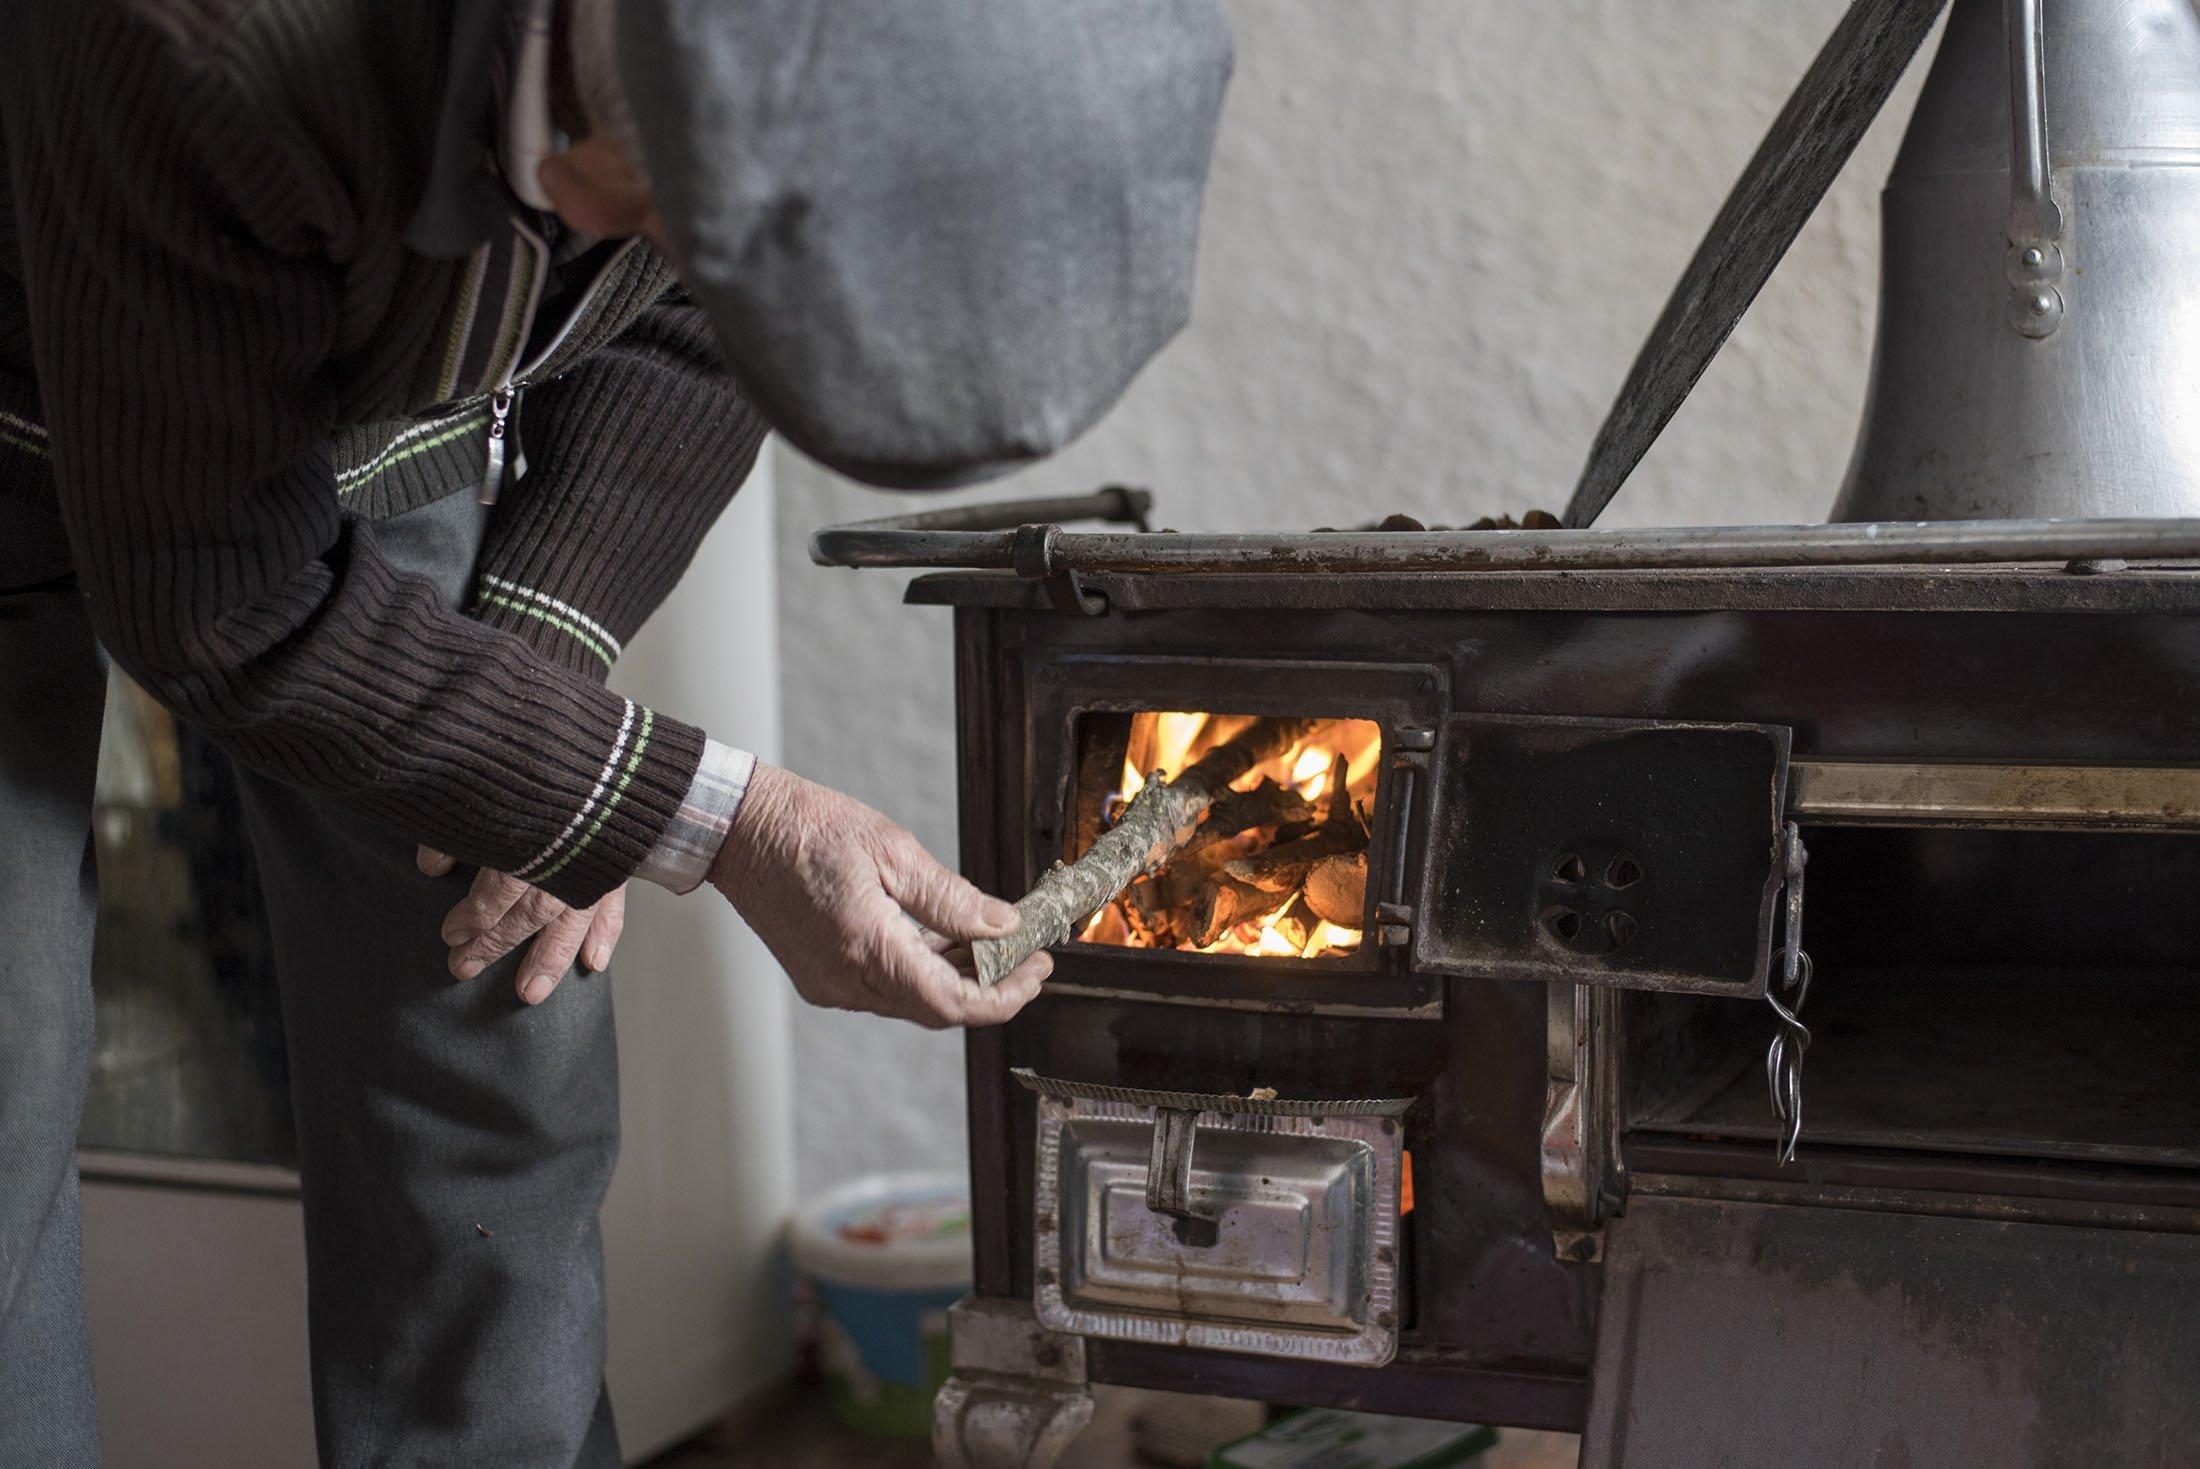 Türkiye'de yaşlı bir adam, Eskişehir'de bir kır evinde geleneksel bir Türk sobasının içine odun bırakırken görülüyor.  (Shutterstock görselleri)